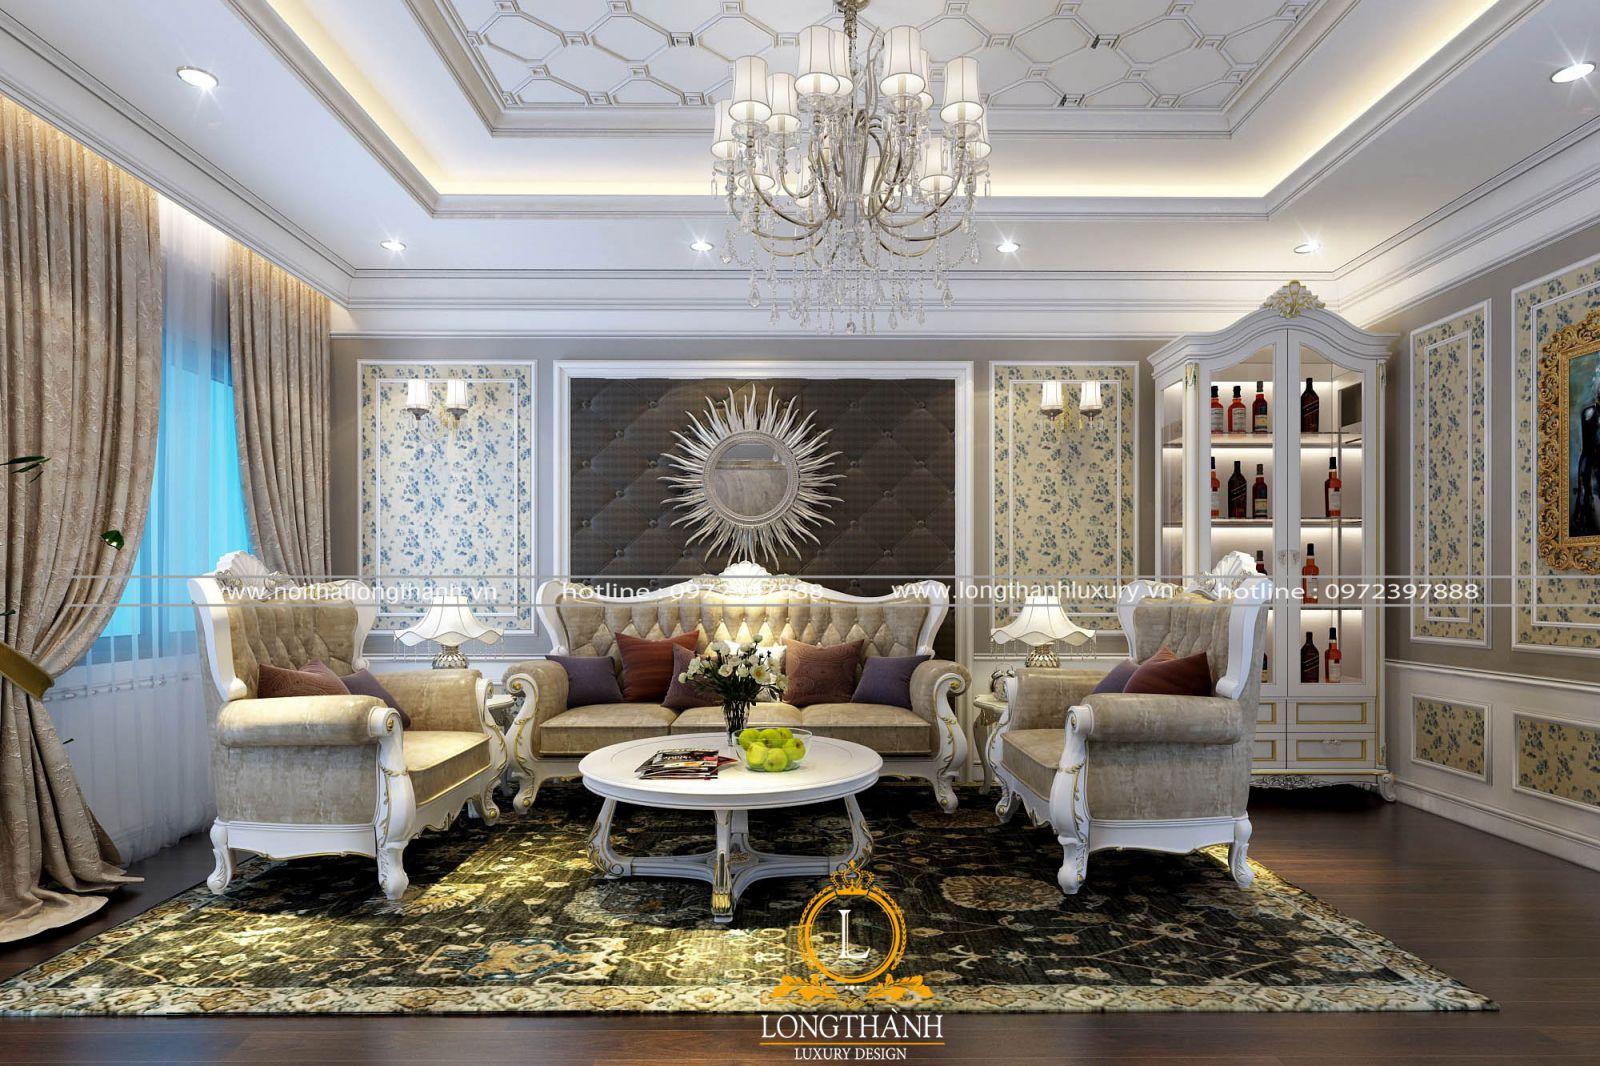 Bộ sofa  nỉ được thiết kế ấn tượng phù hợp với phòng khách